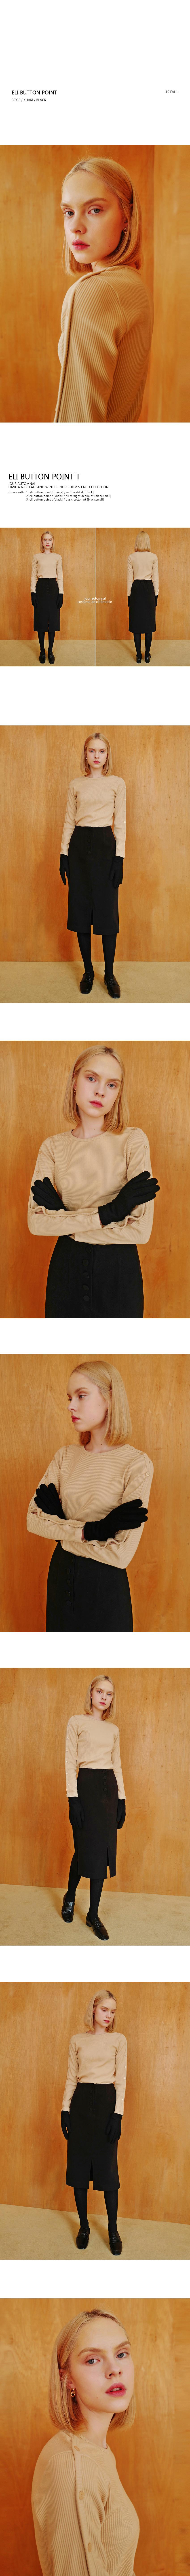 ELI BUTTON POINT T (BEIGE) - 루흠, 44,000원, 상의, 긴팔티셔츠